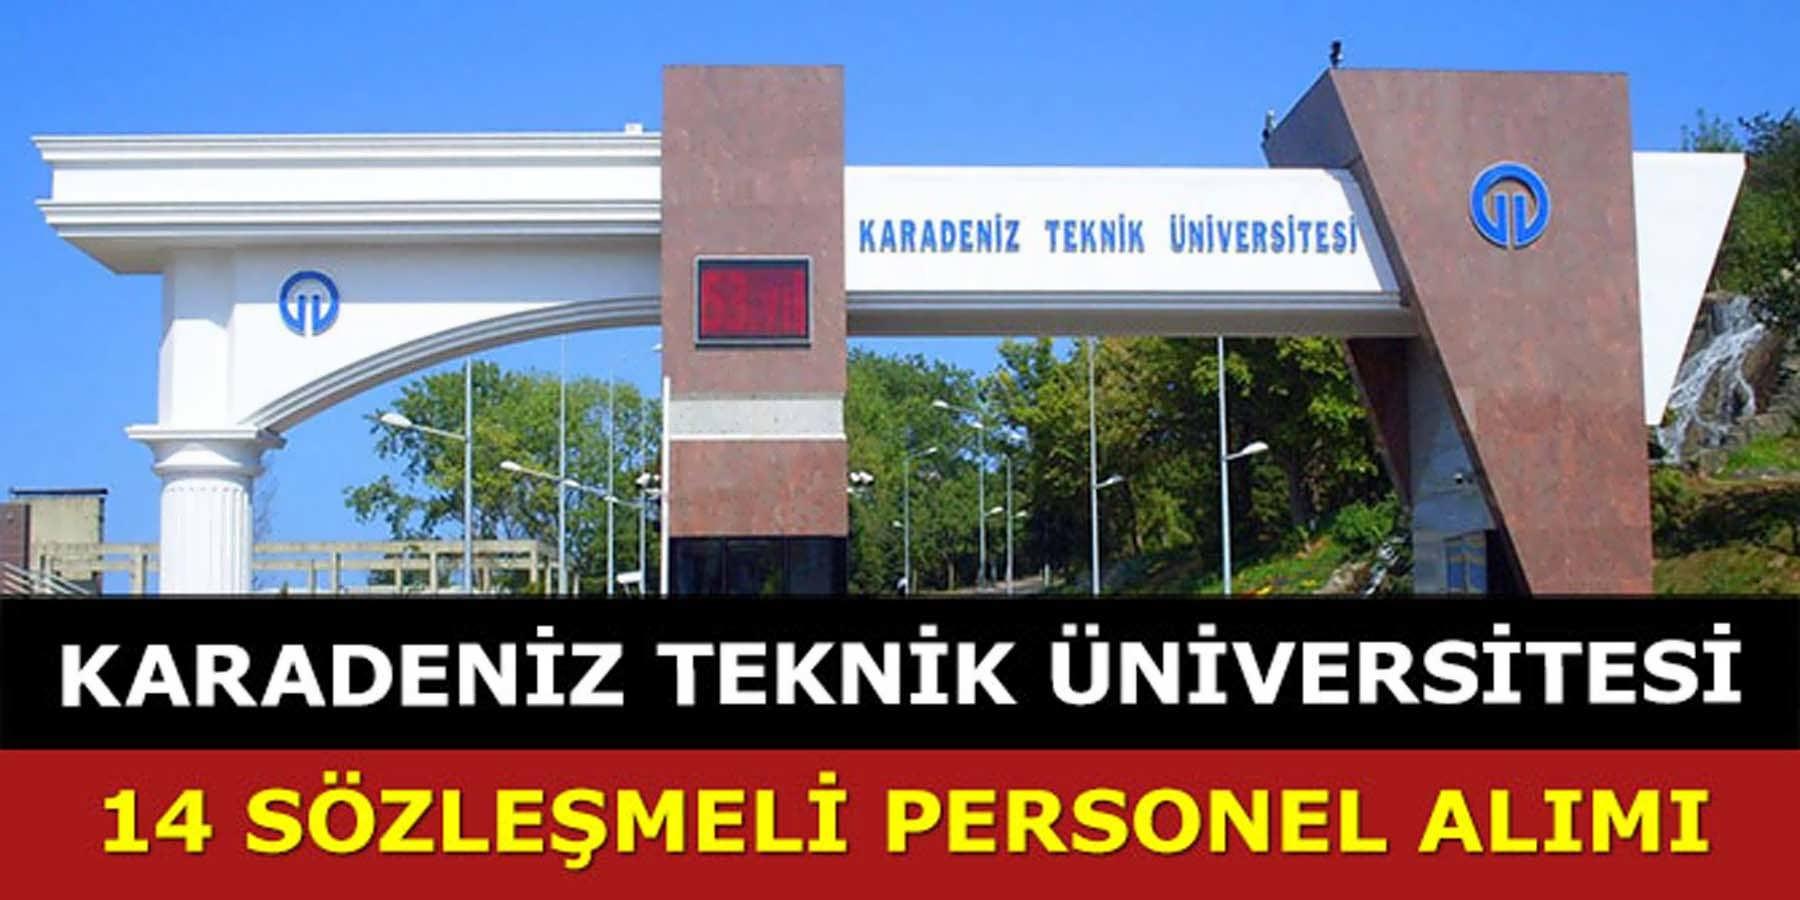 Karadeniz Teknik Üniversitesi 14 Sözleşmeli Personel Alımı